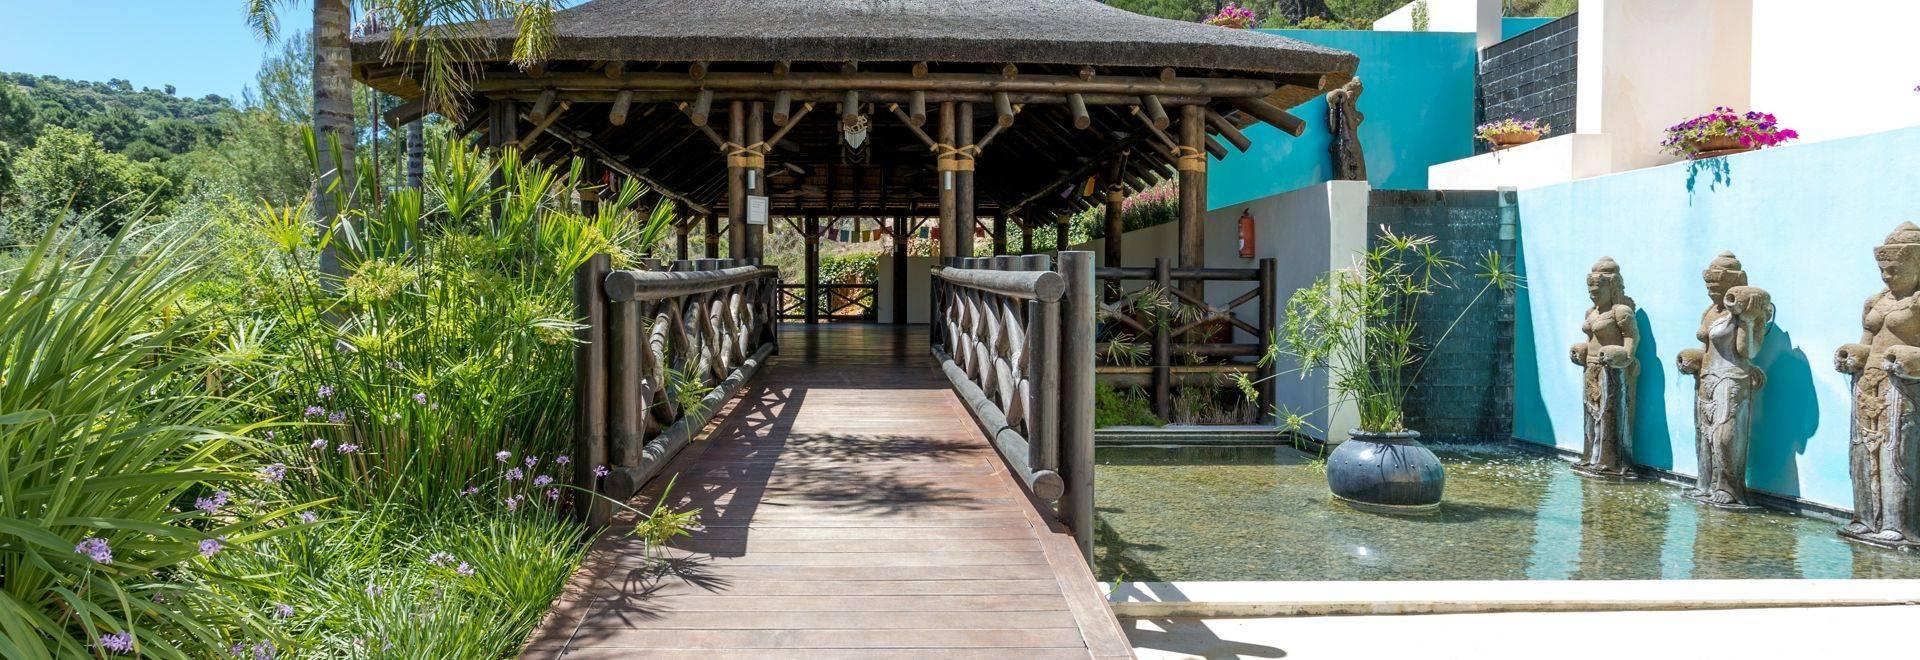 Shanti-som-pavilion-entrance.jpg